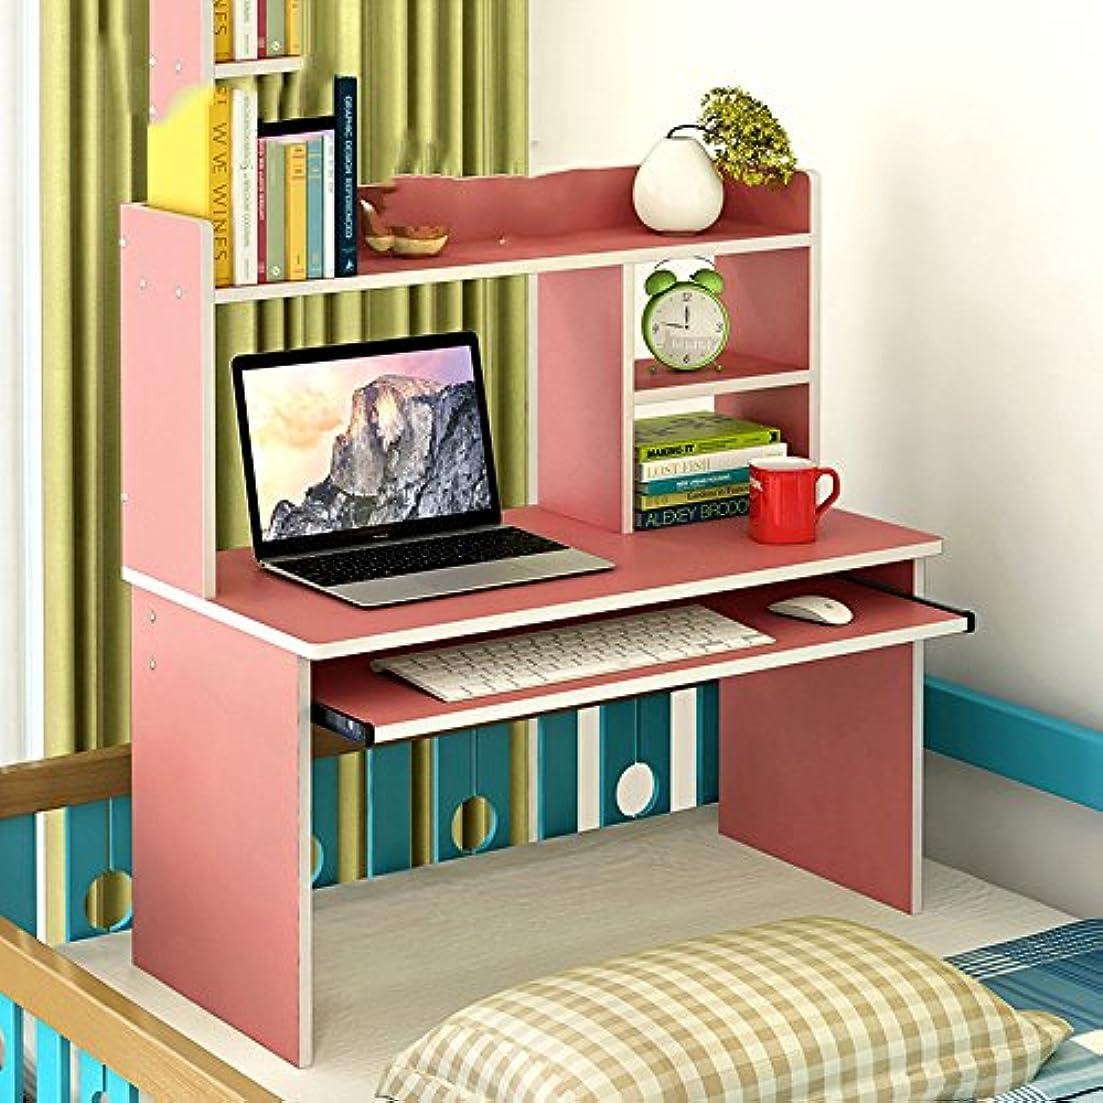 くつろぎロースト乗り出すLJHA zhuozi ベッドコンピュータデスクレイジーテーブルシンプルなベッドルームスタディの小さなデスク4色80 * 80cm (色 : D)